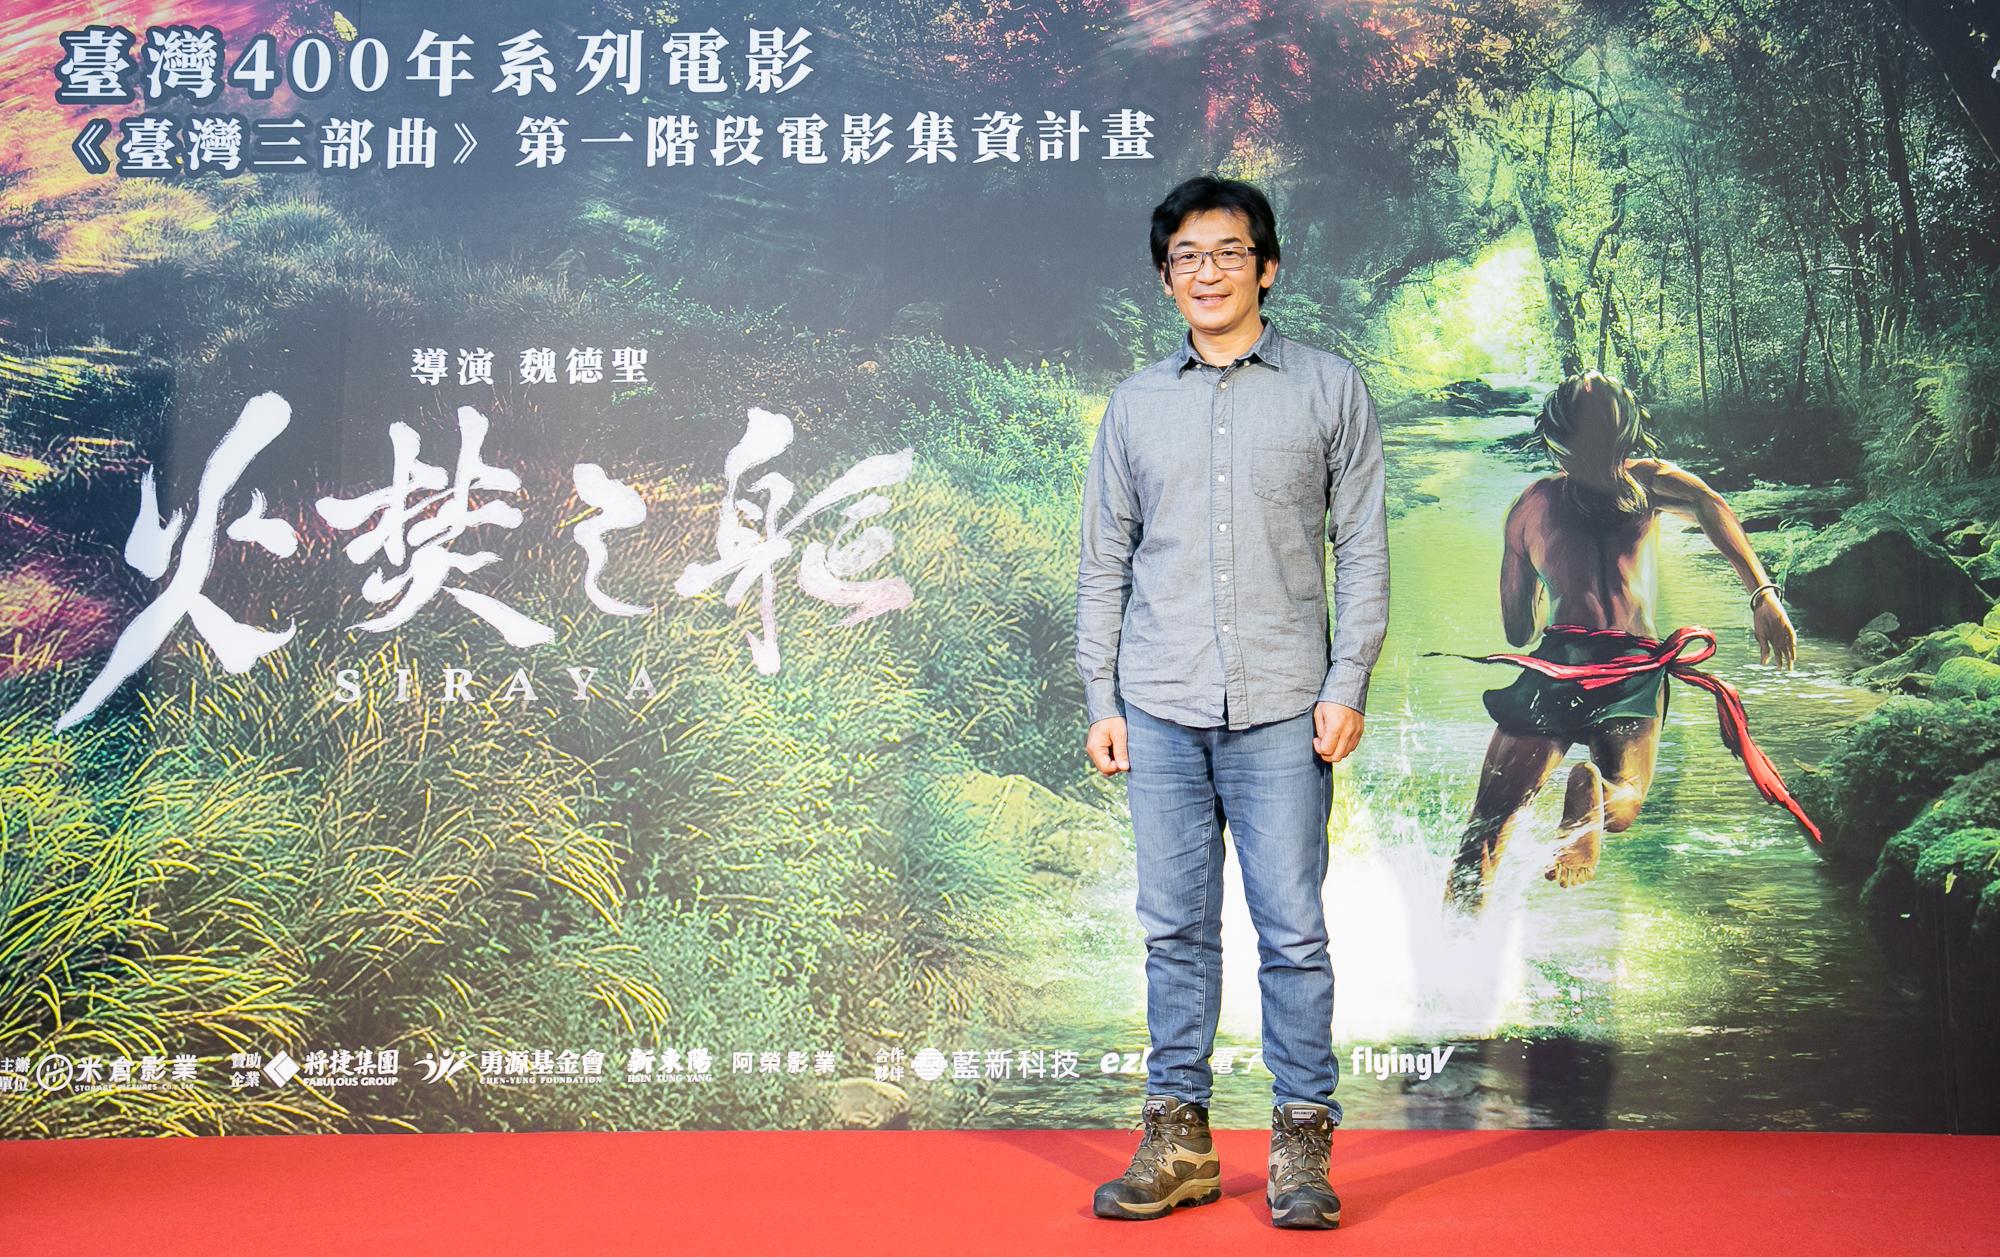 《臺灣三部曲》電影第一階段集資計畫記者會導演魏德聖